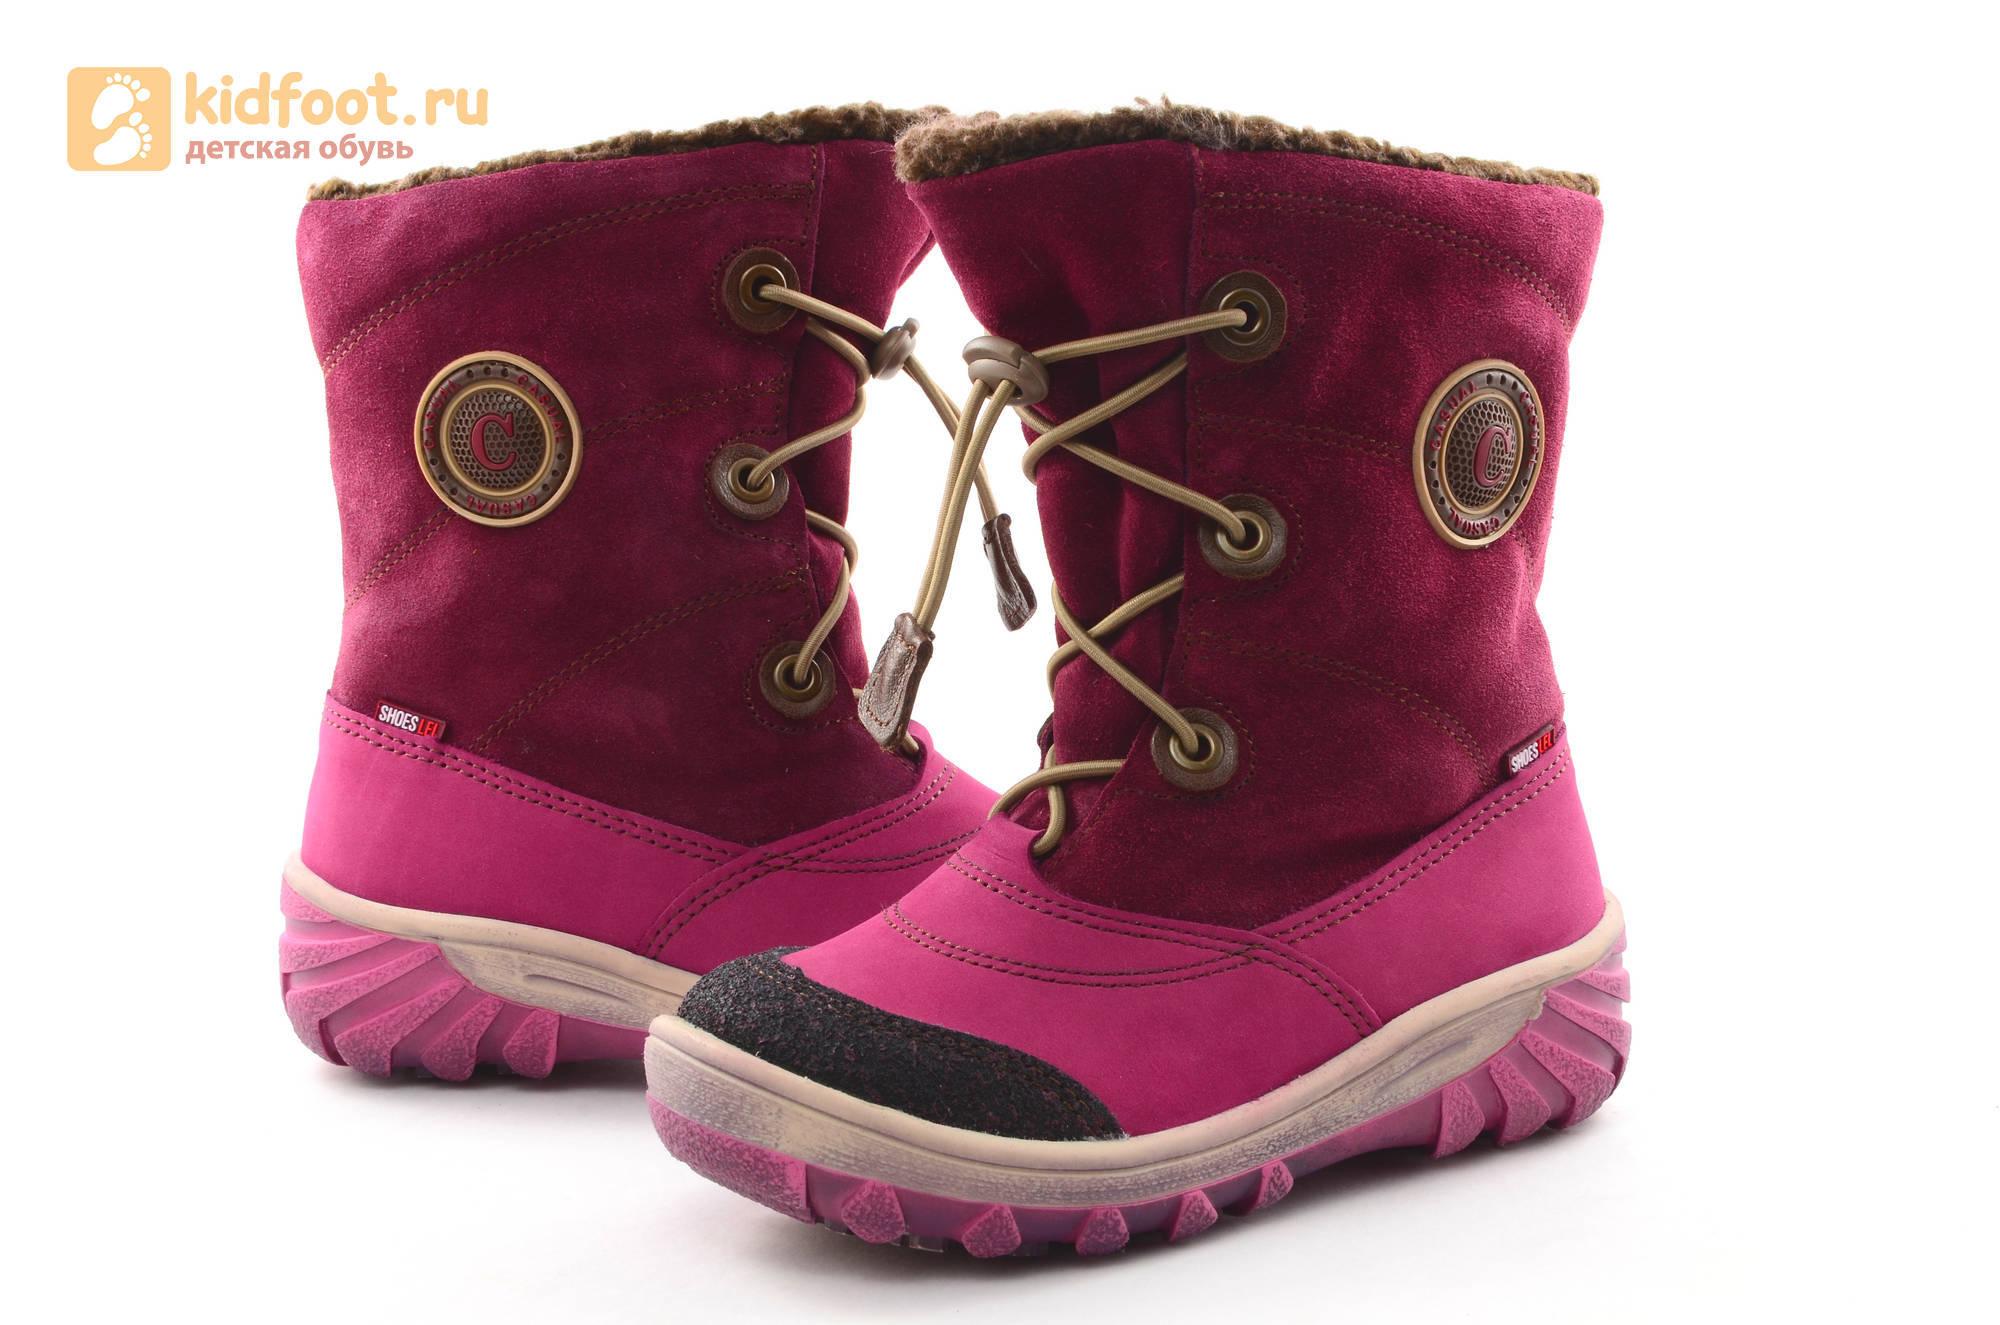 Зимние сапоги для девочек из натуральной кожи на меху Лель, цвет малиновый